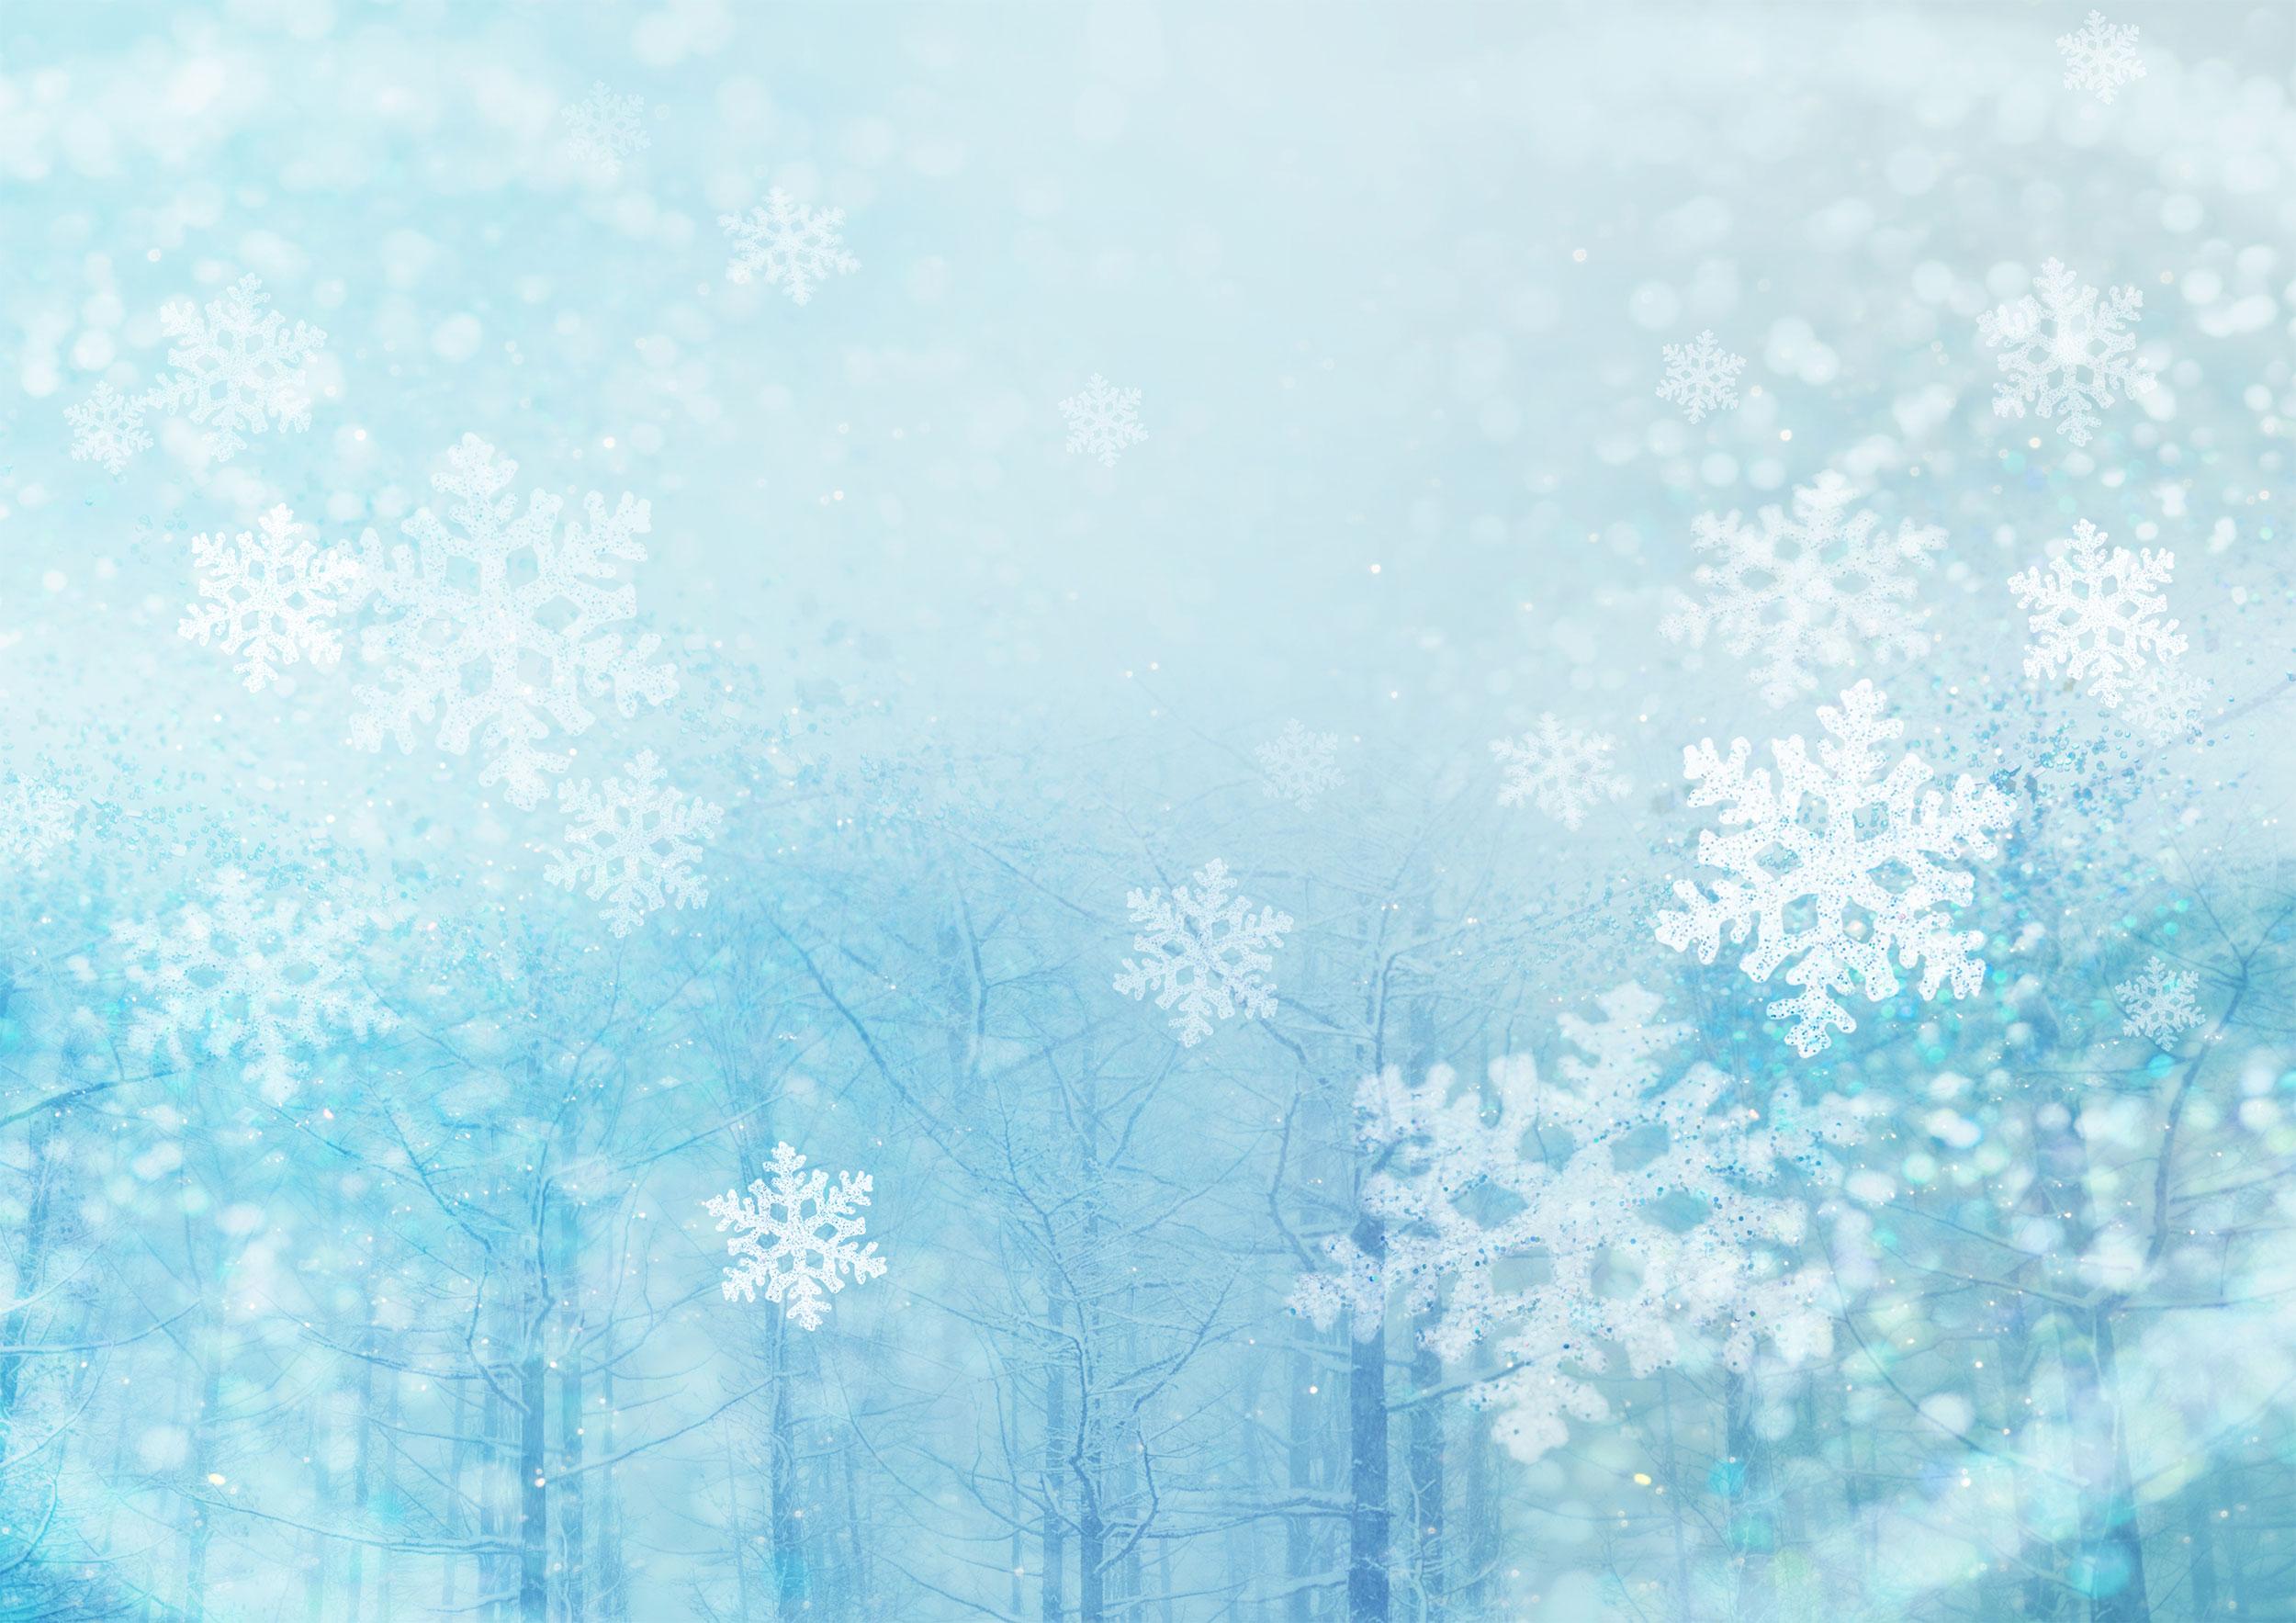 冬のイラストno.188『雪降る林』/無料のフリー素材集【花鳥風月】